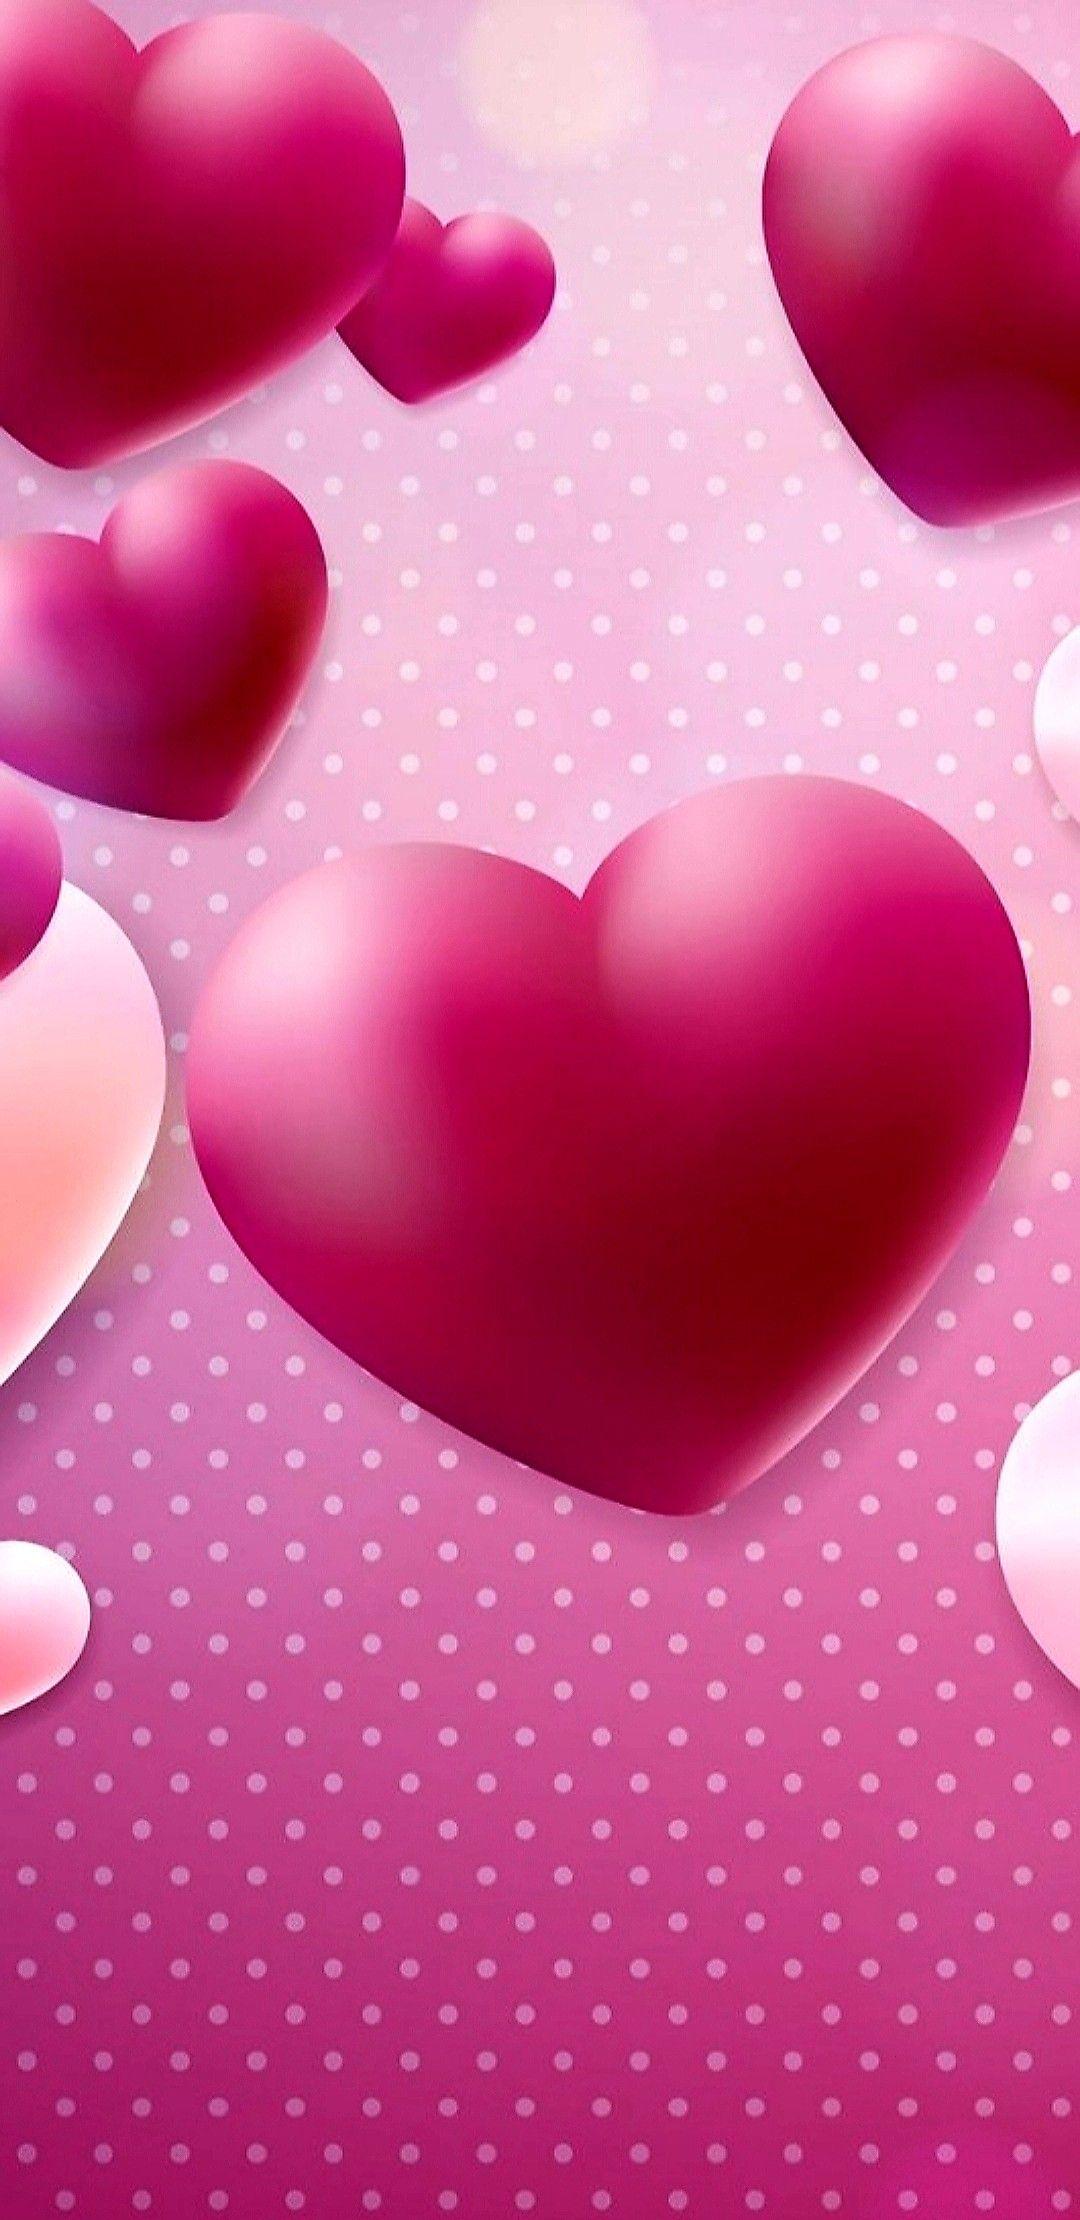 Pin By Arissam Braquel On Heart Heart Iphone Wallpaper Heart